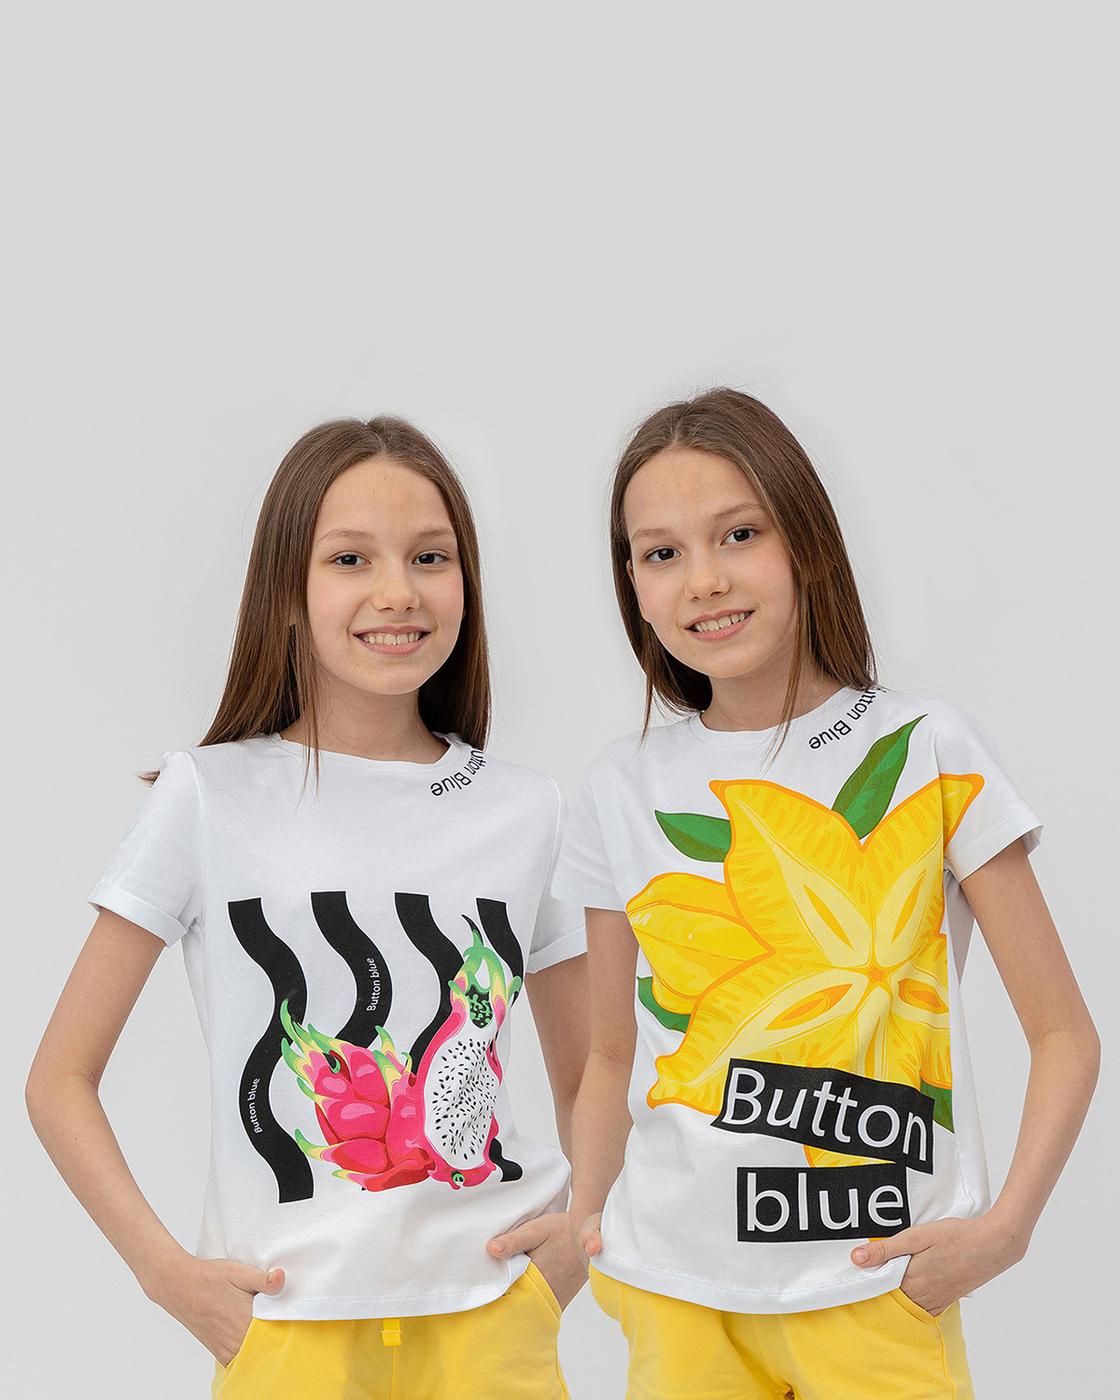 Баттон Блю Детская Одежда Магазин